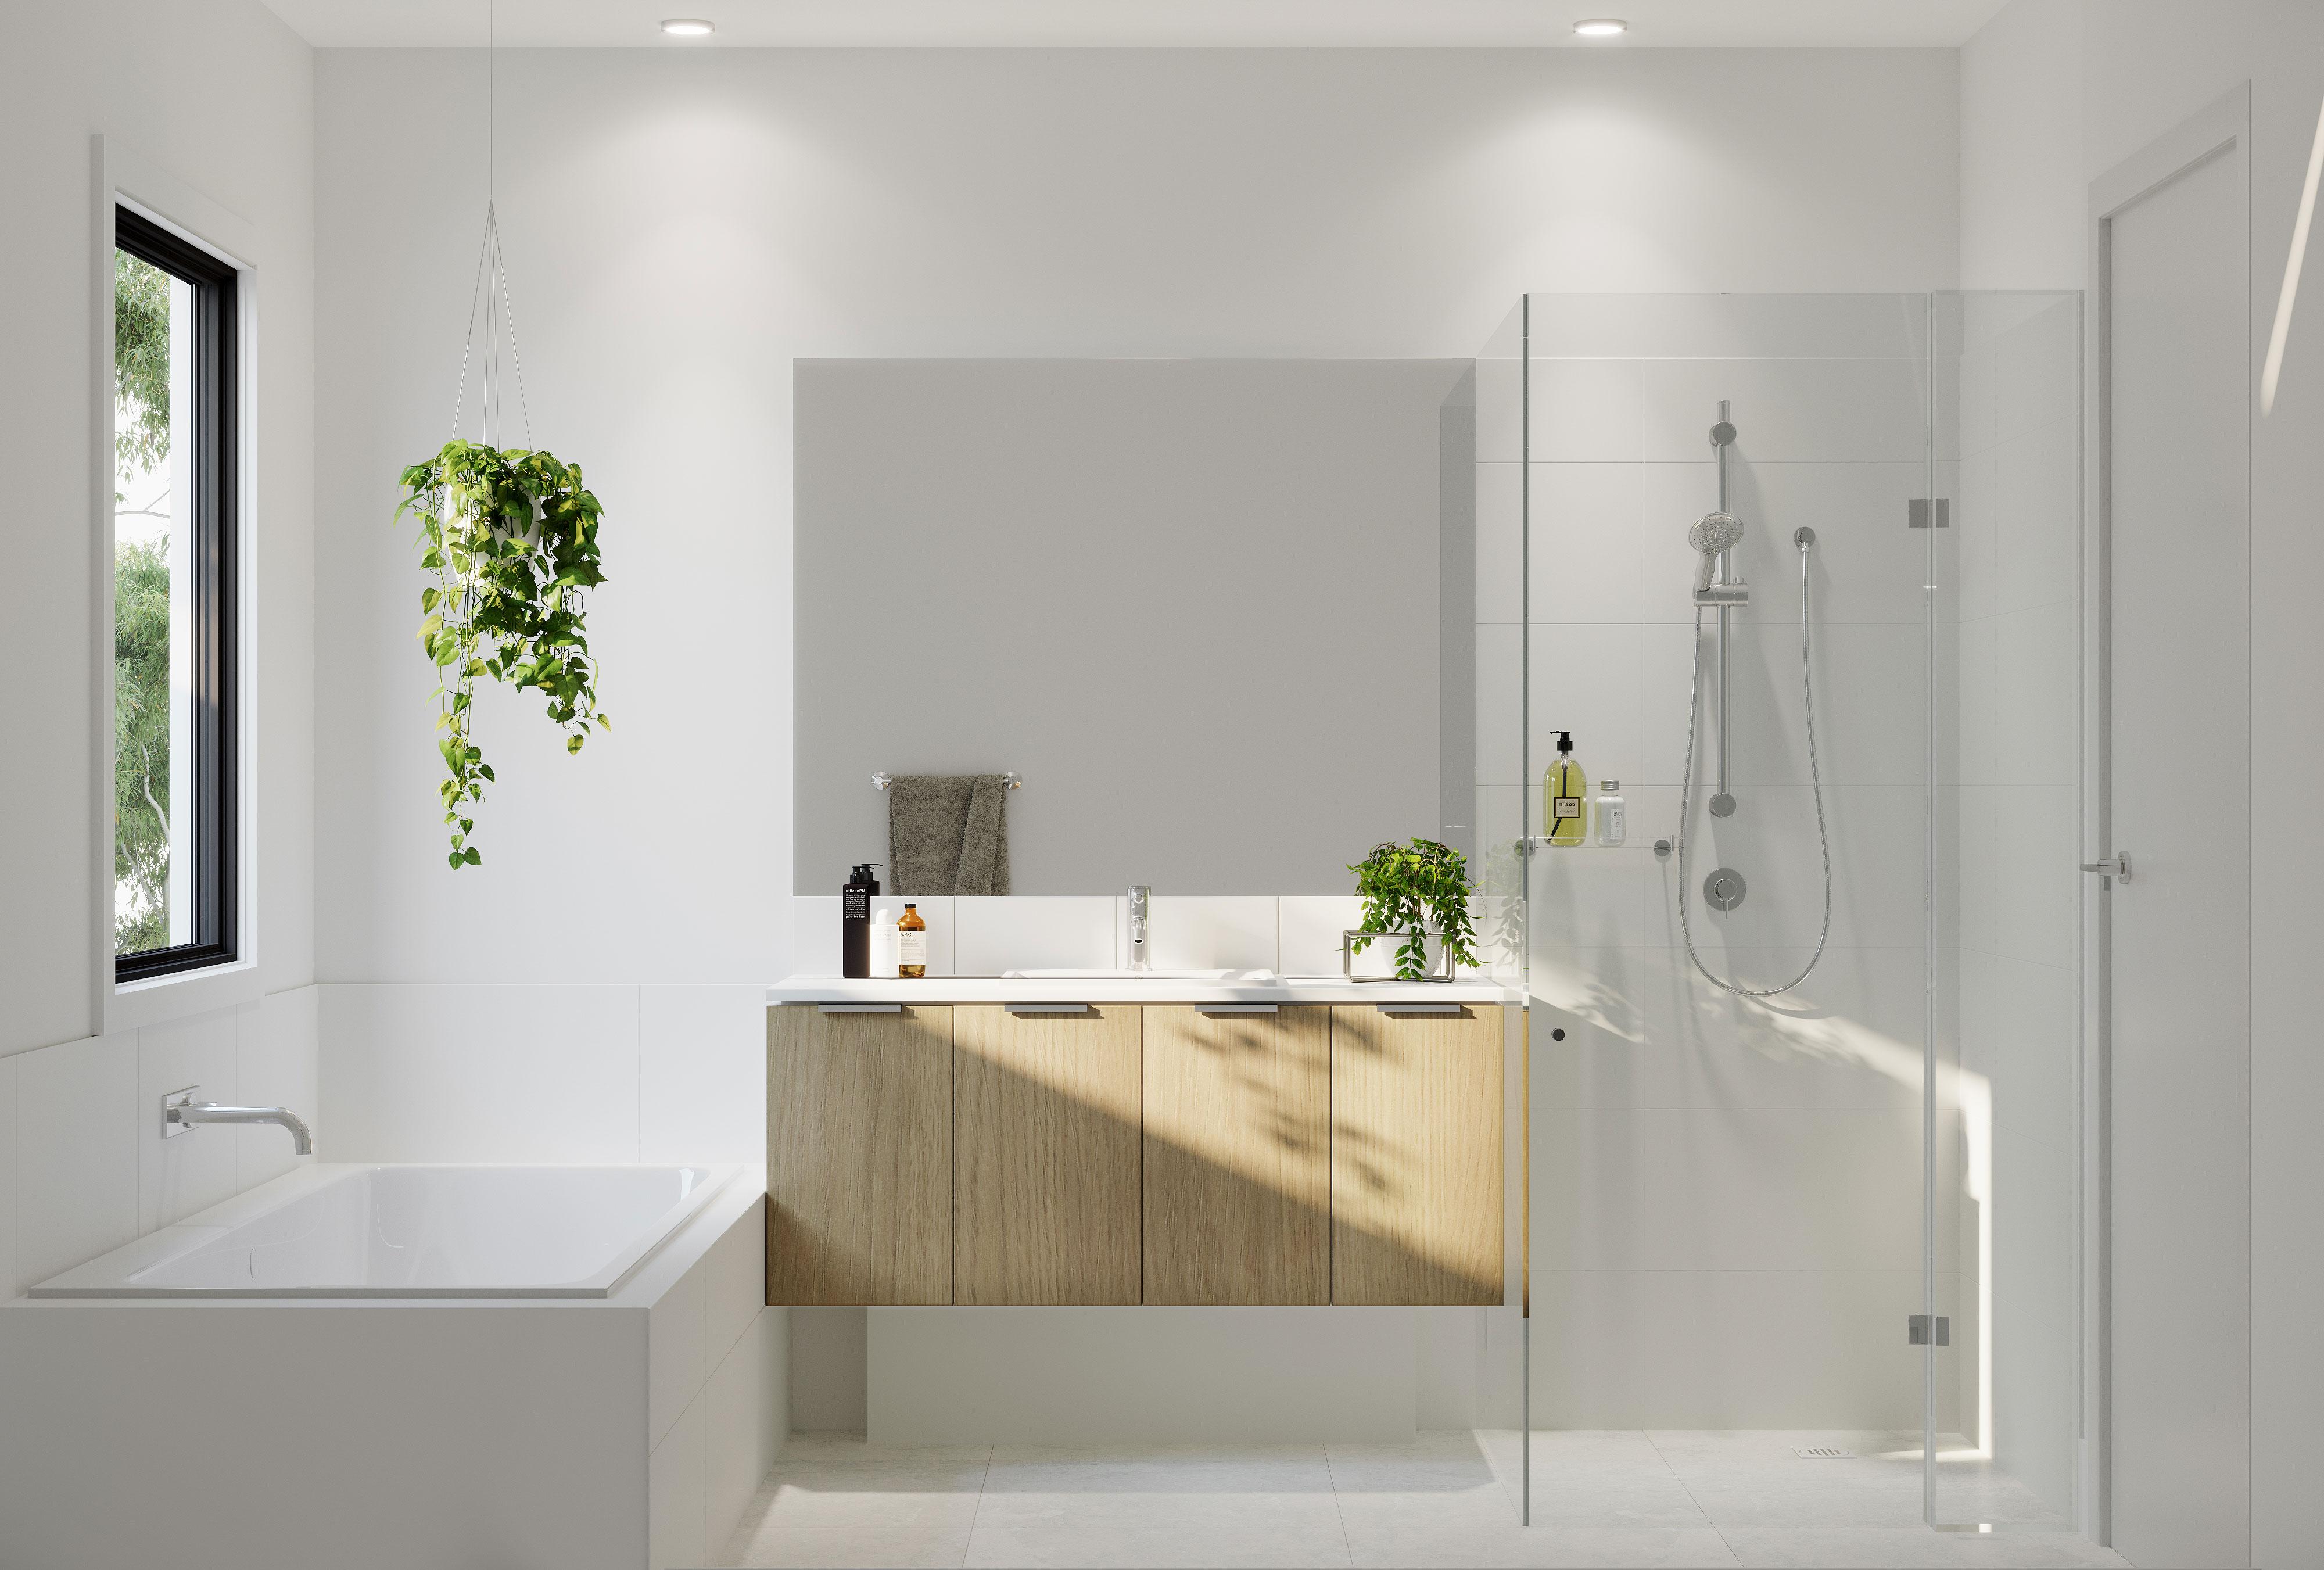 HazelSt_Bathroom_FinalRender_v1.1 (1)